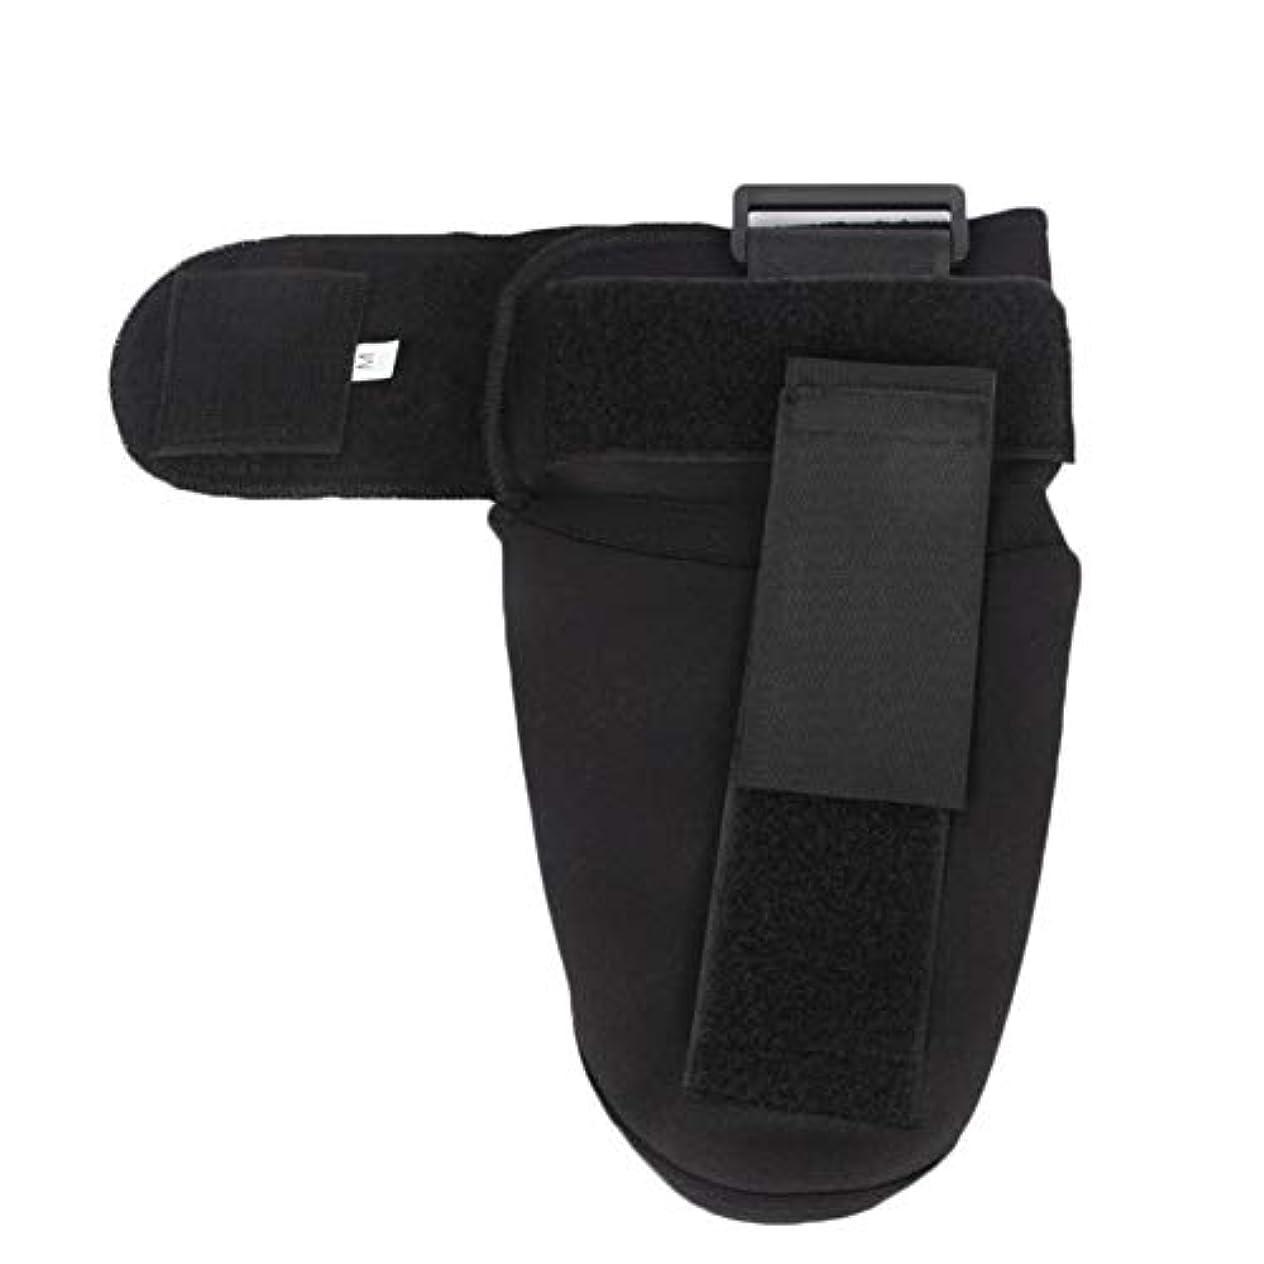 正当な器具壁紙Xlp 足の痛みを軽減するための足底足首サポートベルトソフト通気性フットプロテクター